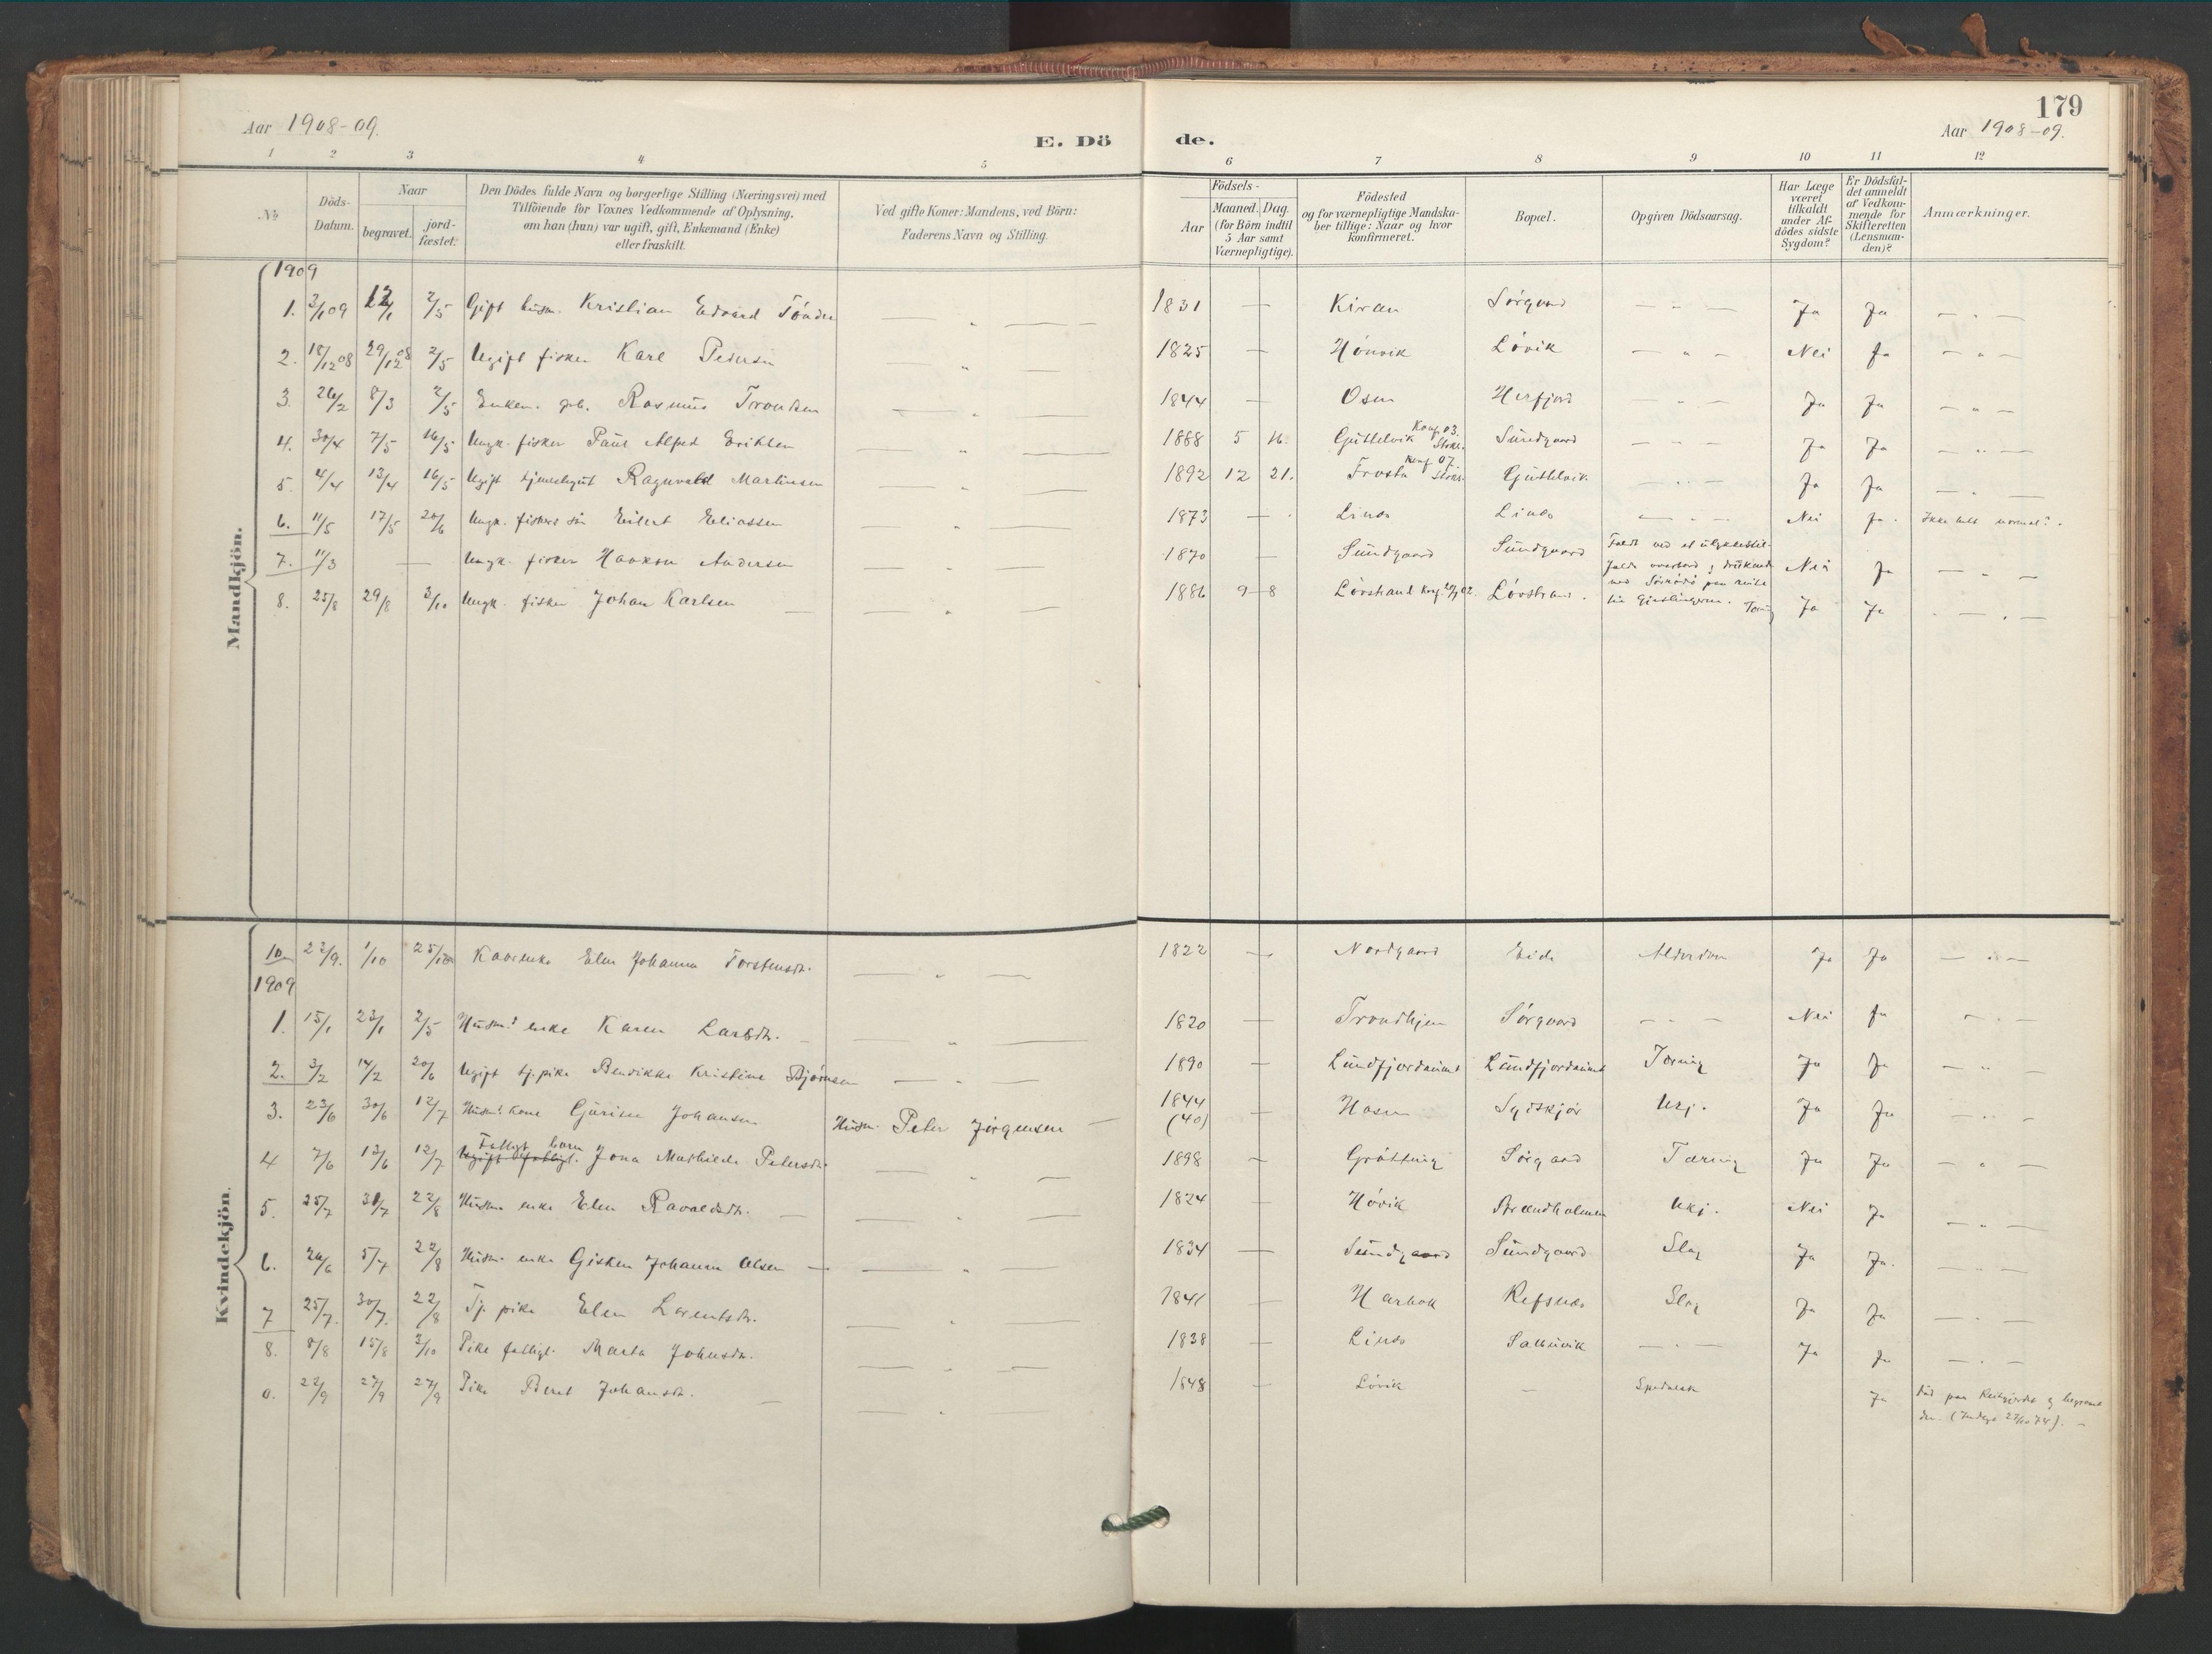 SAT, Ministerialprotokoller, klokkerbøker og fødselsregistre - Sør-Trøndelag, 656/L0693: Ministerialbok nr. 656A02, 1894-1913, s. 179